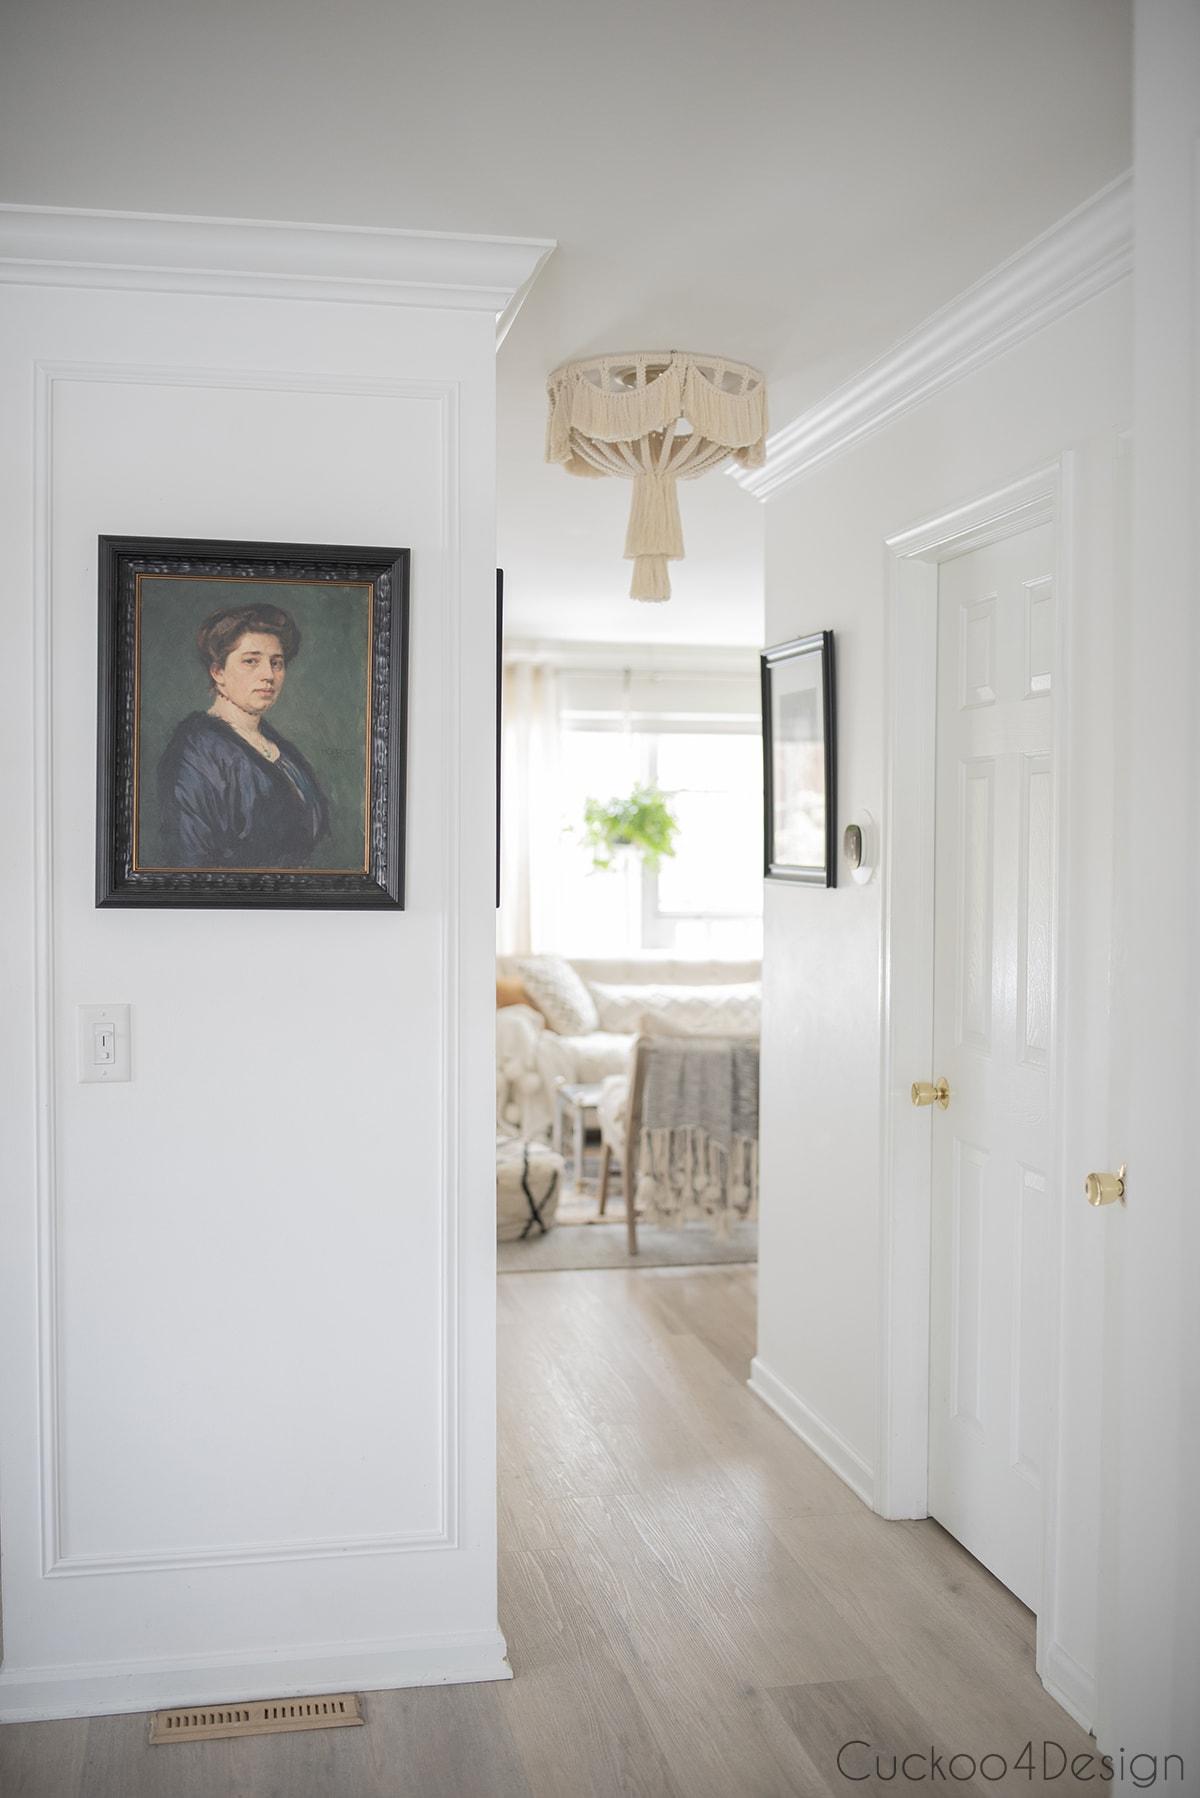 macrame ceiling fixture in hallway